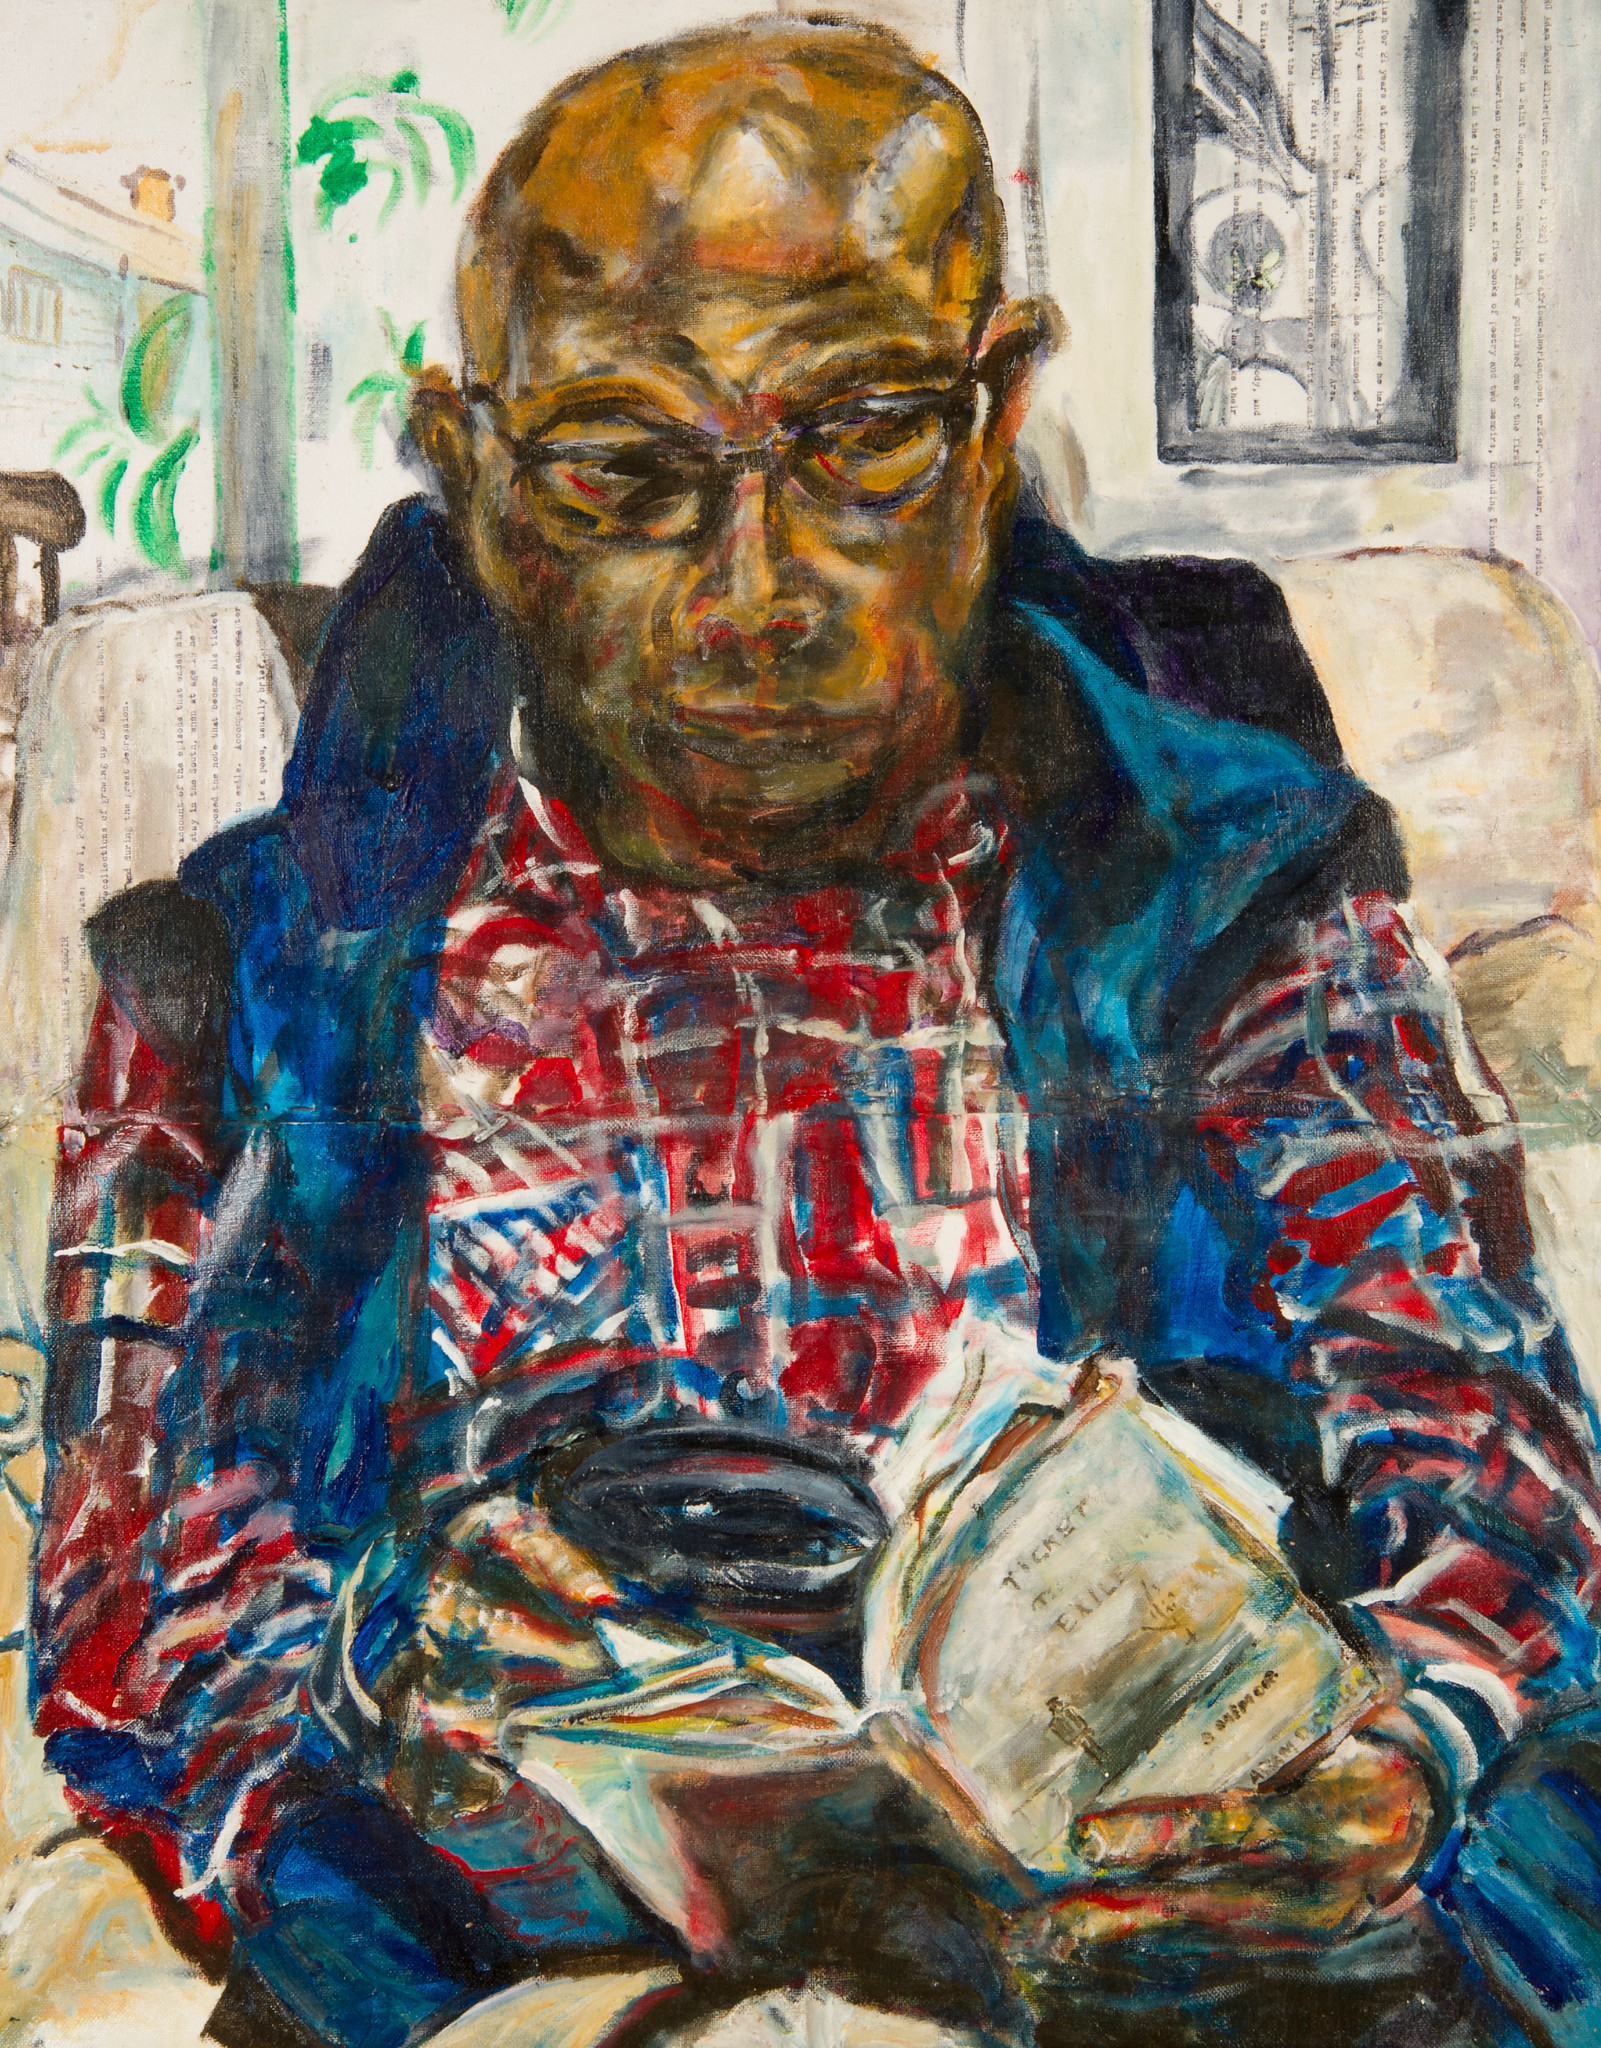 portrait by Jessica Phrogus